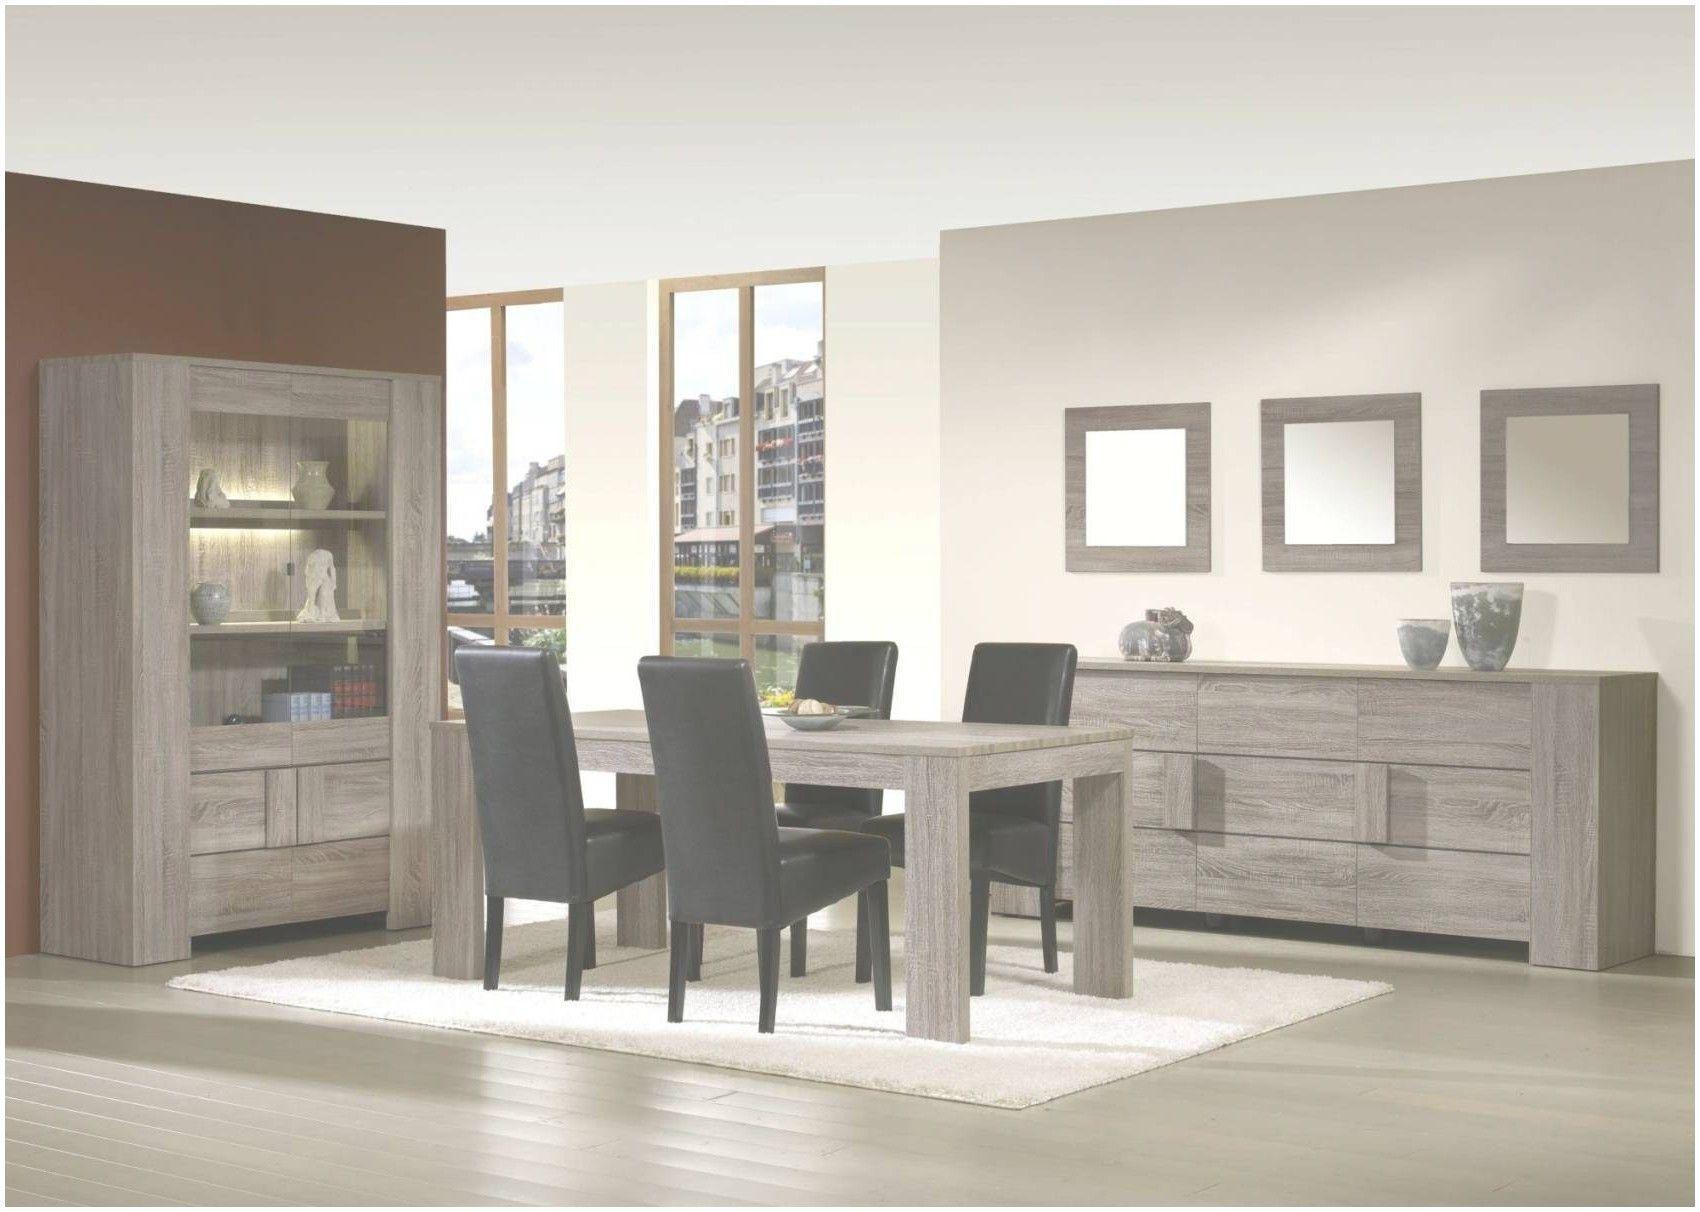 14 Concepts Meubles Boulle Portrait Home Design Design Home Interior